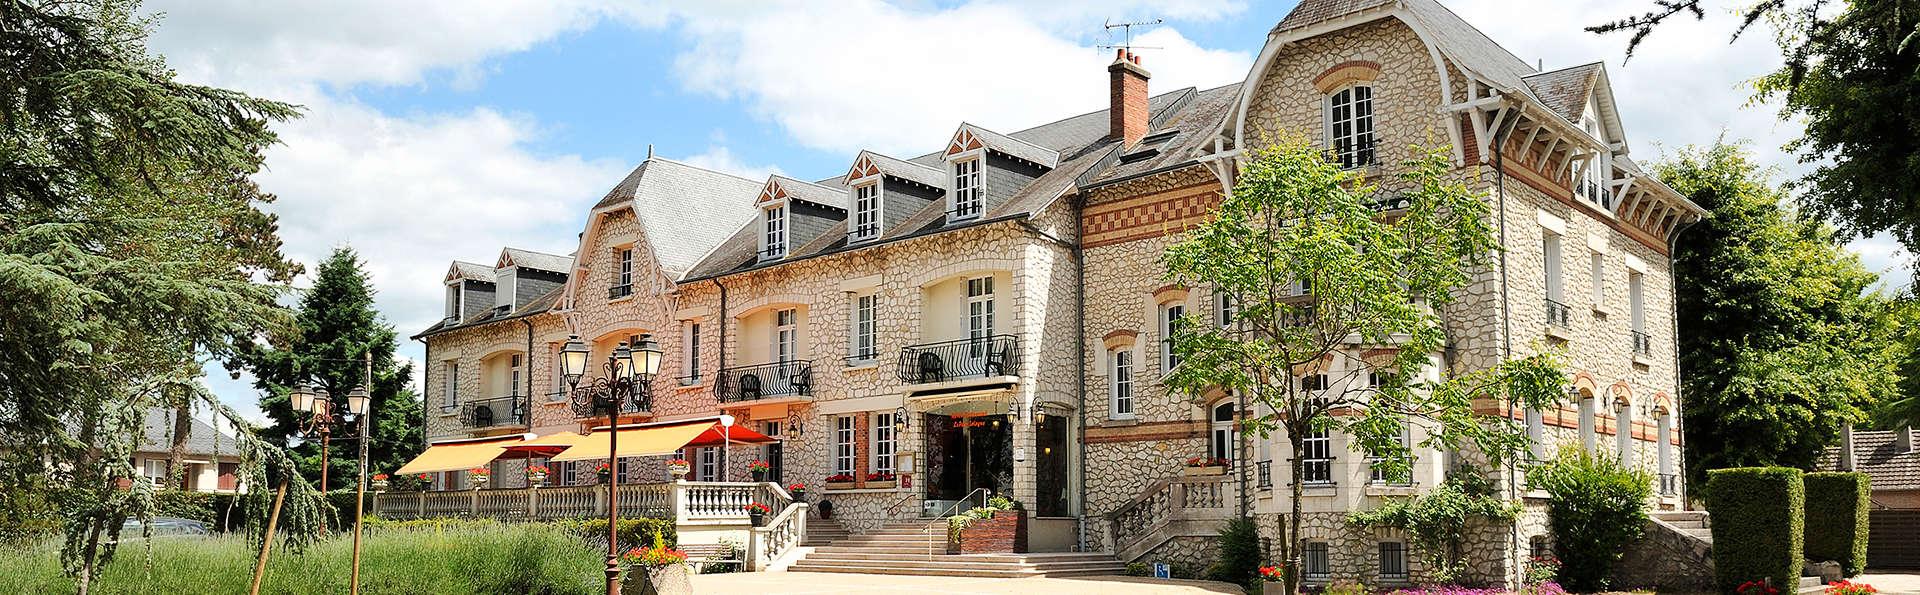 Hôtel Le Parc Sologne - EDIT_Exterior.jpg